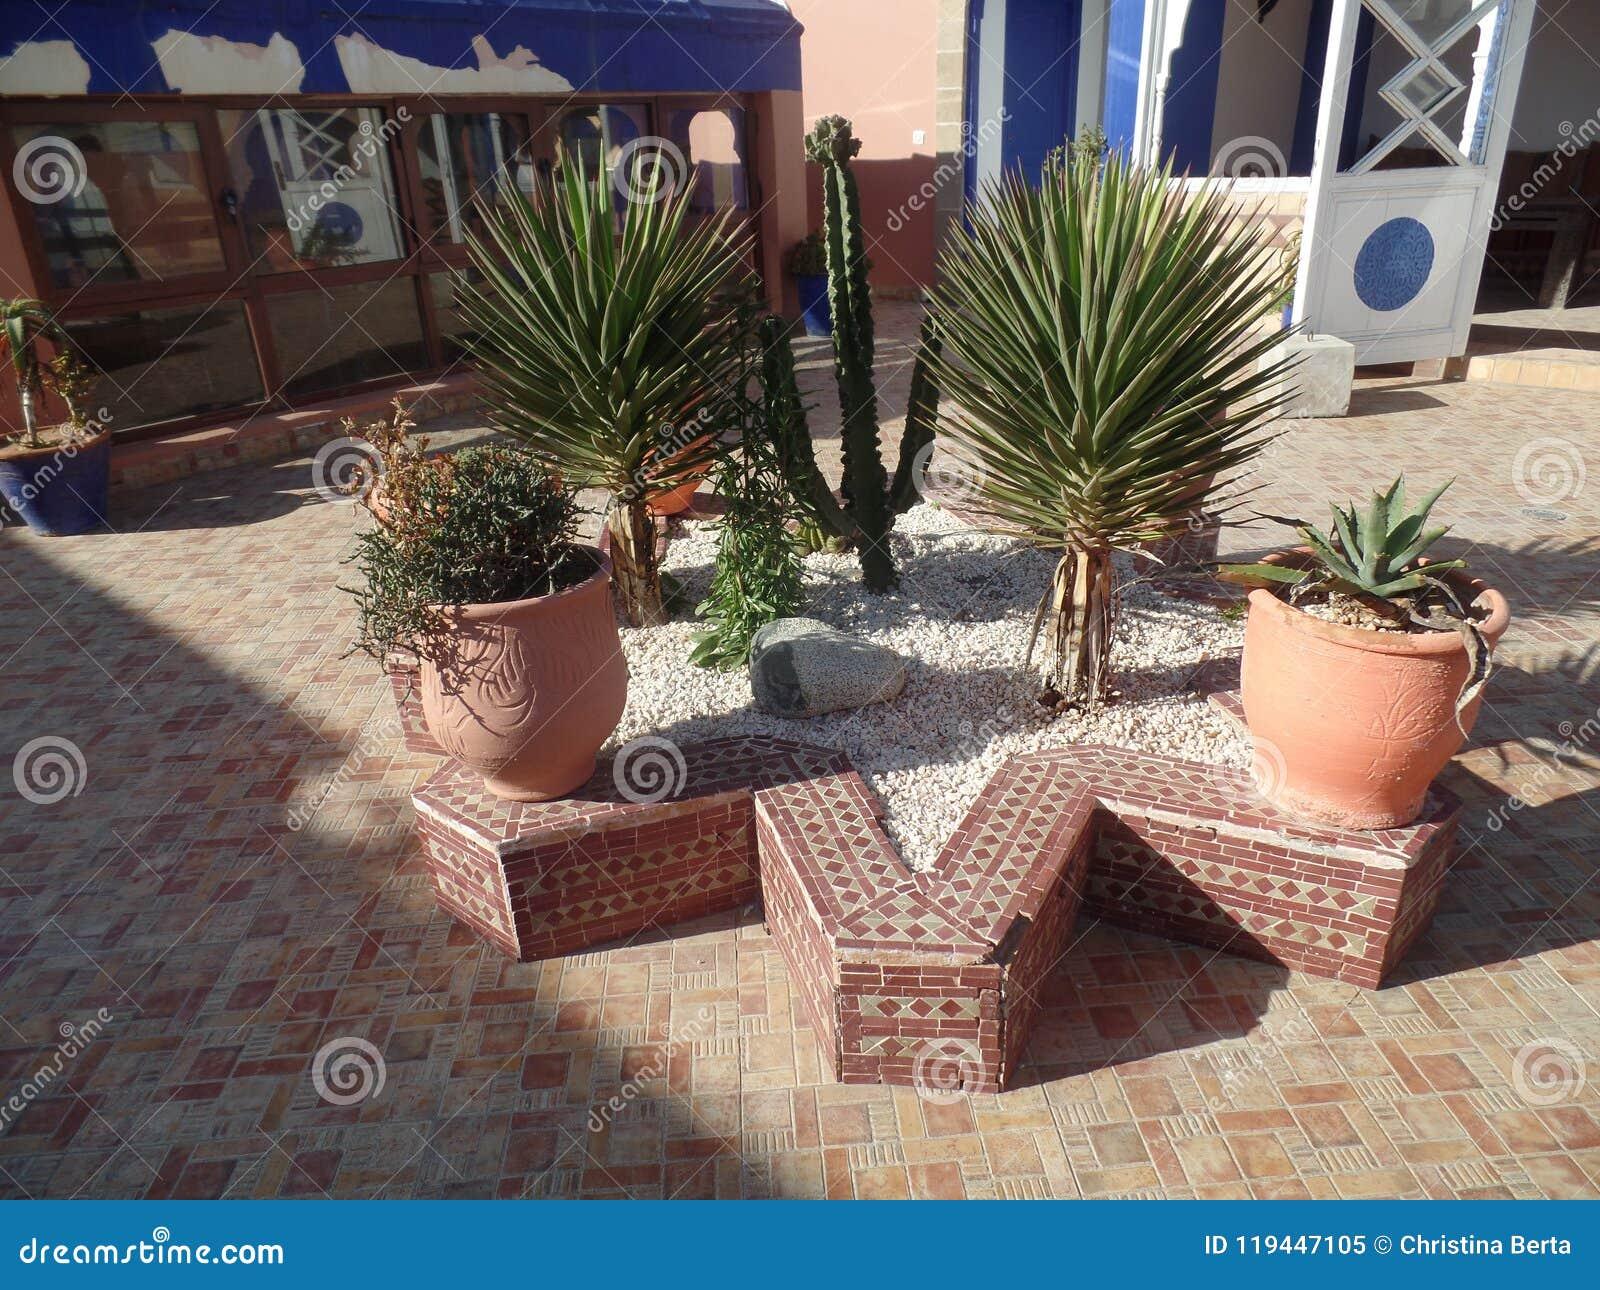 Plantas tropicais em um terraço do telhado em Essaouira, Marrocos